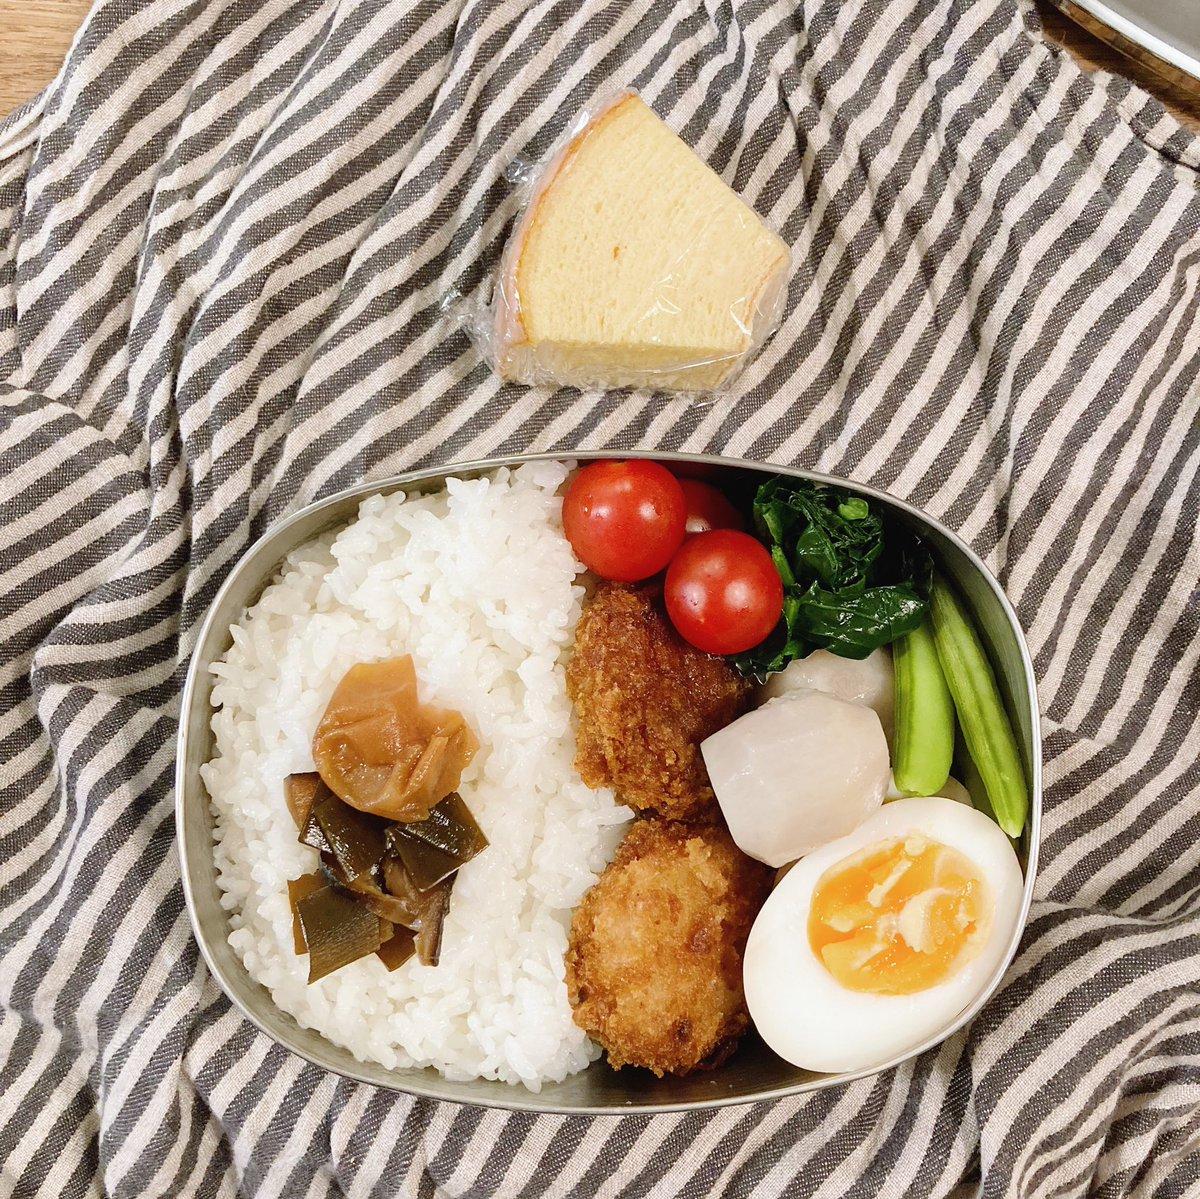 test ツイッターメディア - 今日。へれかつ(冷凍)、味玉、里芋の煮物、スナップエンドウ、プチトマト、ほうれん草のおひたし。クラブハリエのバームクーヘン。 https://t.co/fNeDupII3L